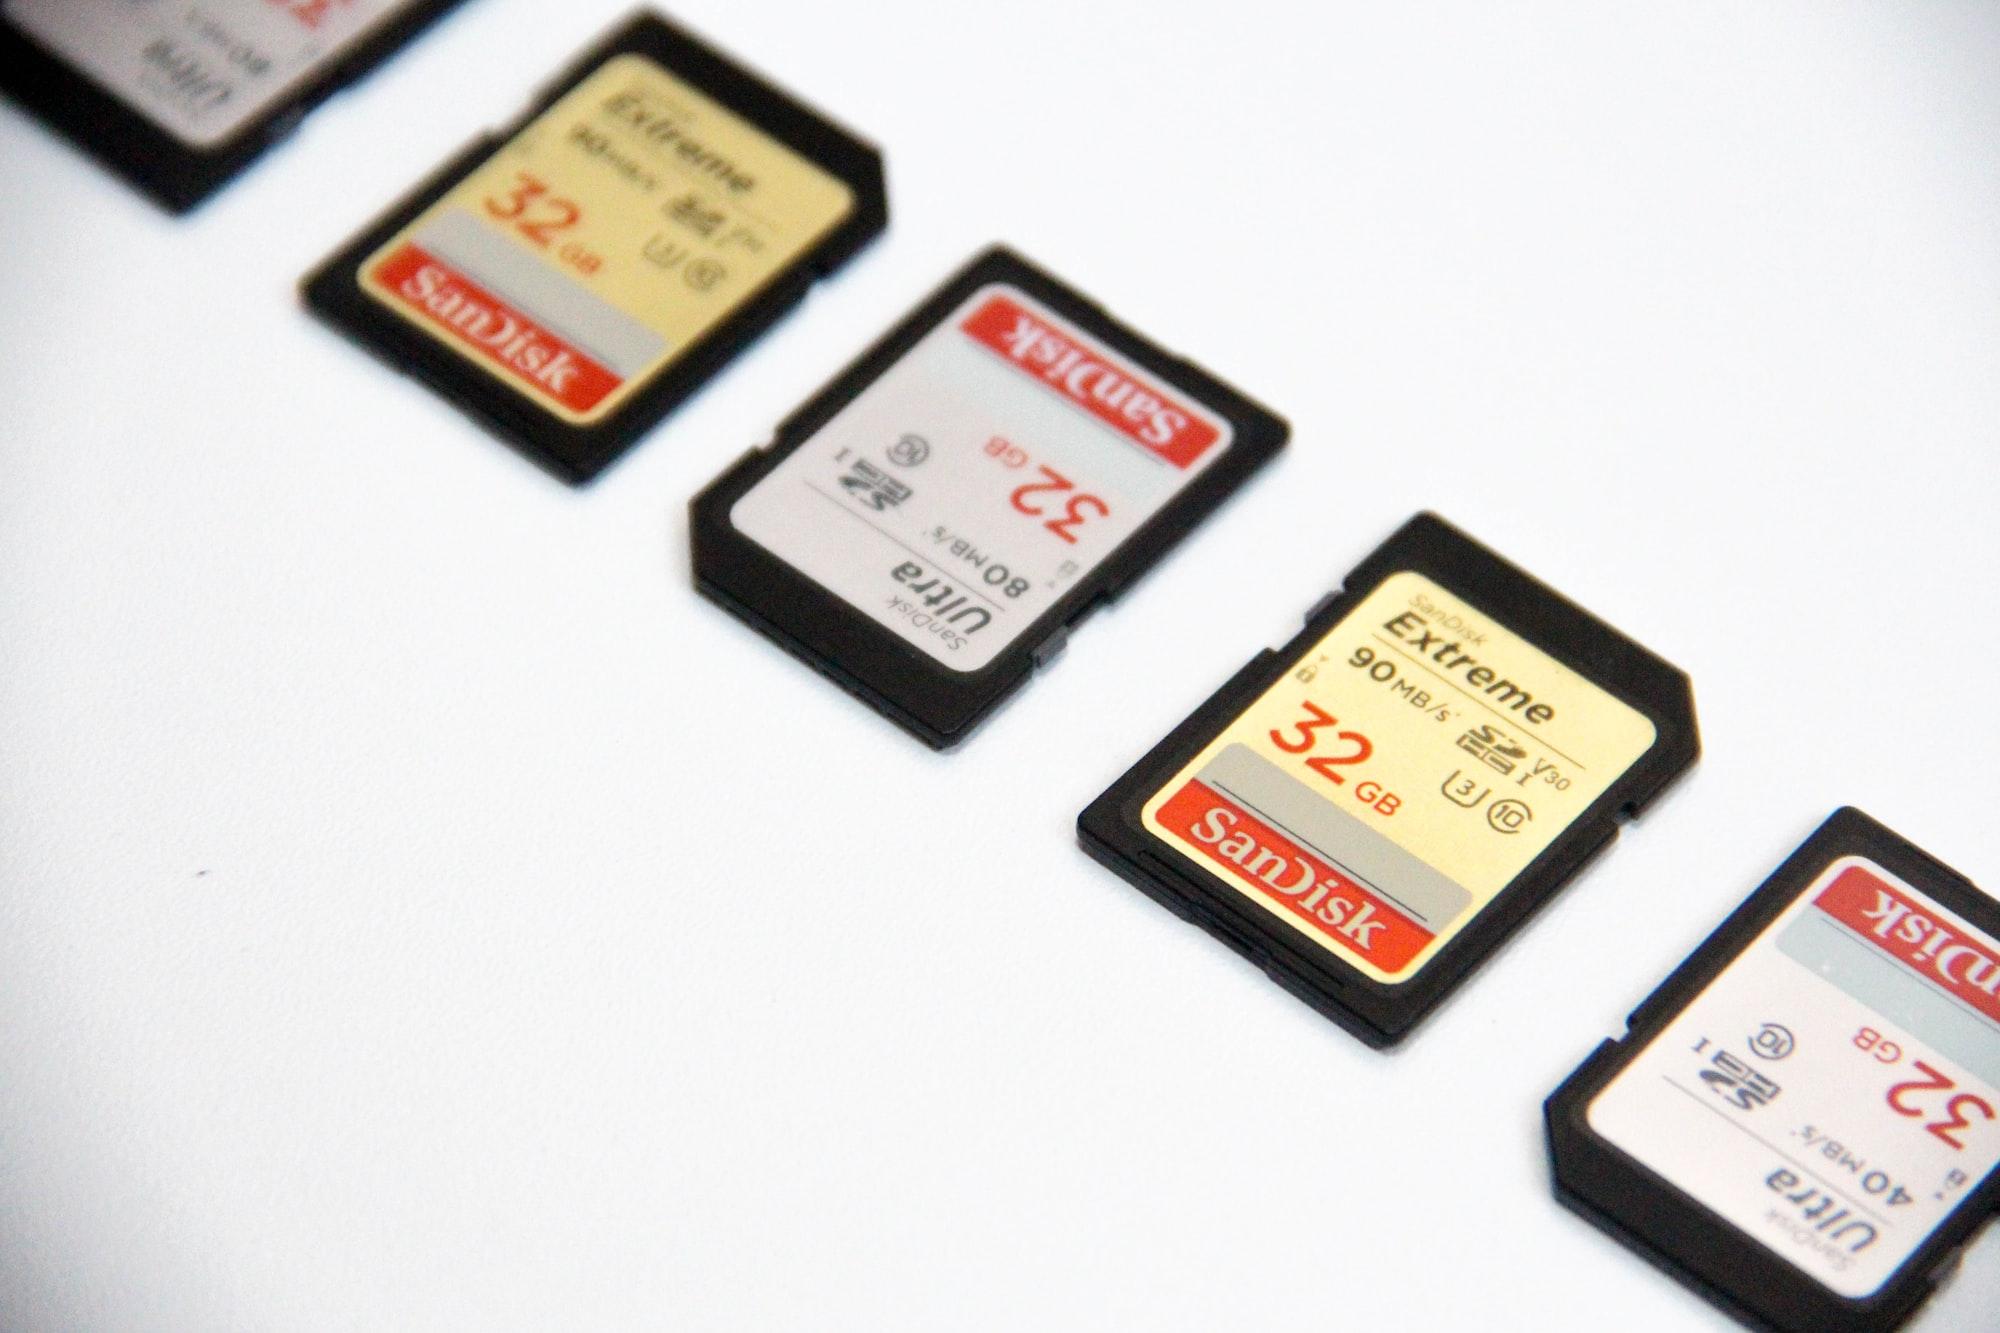 カーナビで録音した音源を新しい大容量SDカードに複製して移行する